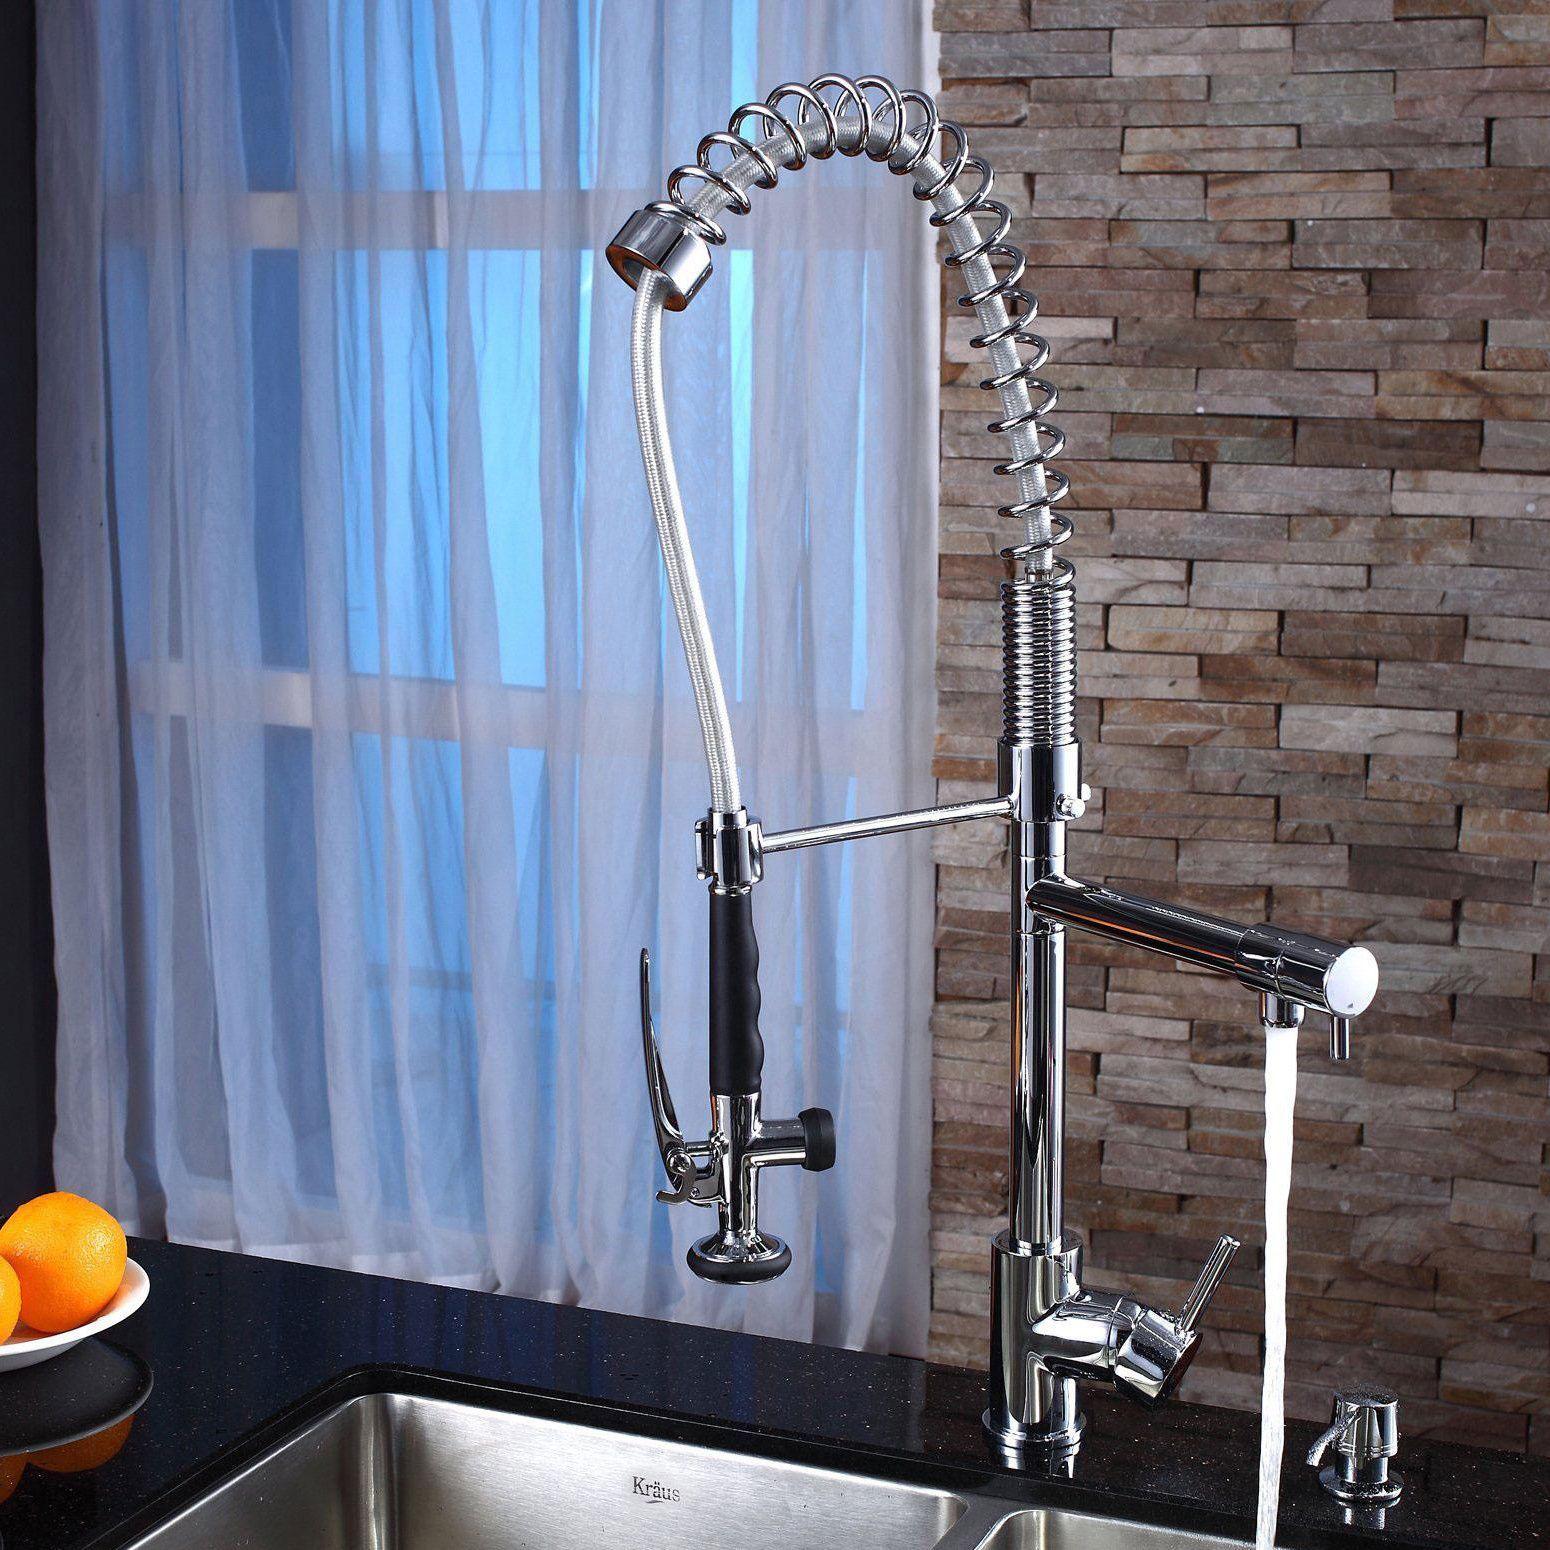 Kraus 33 Inch Undermount Double Bowl Stainless Steel Kitchen Sink ...